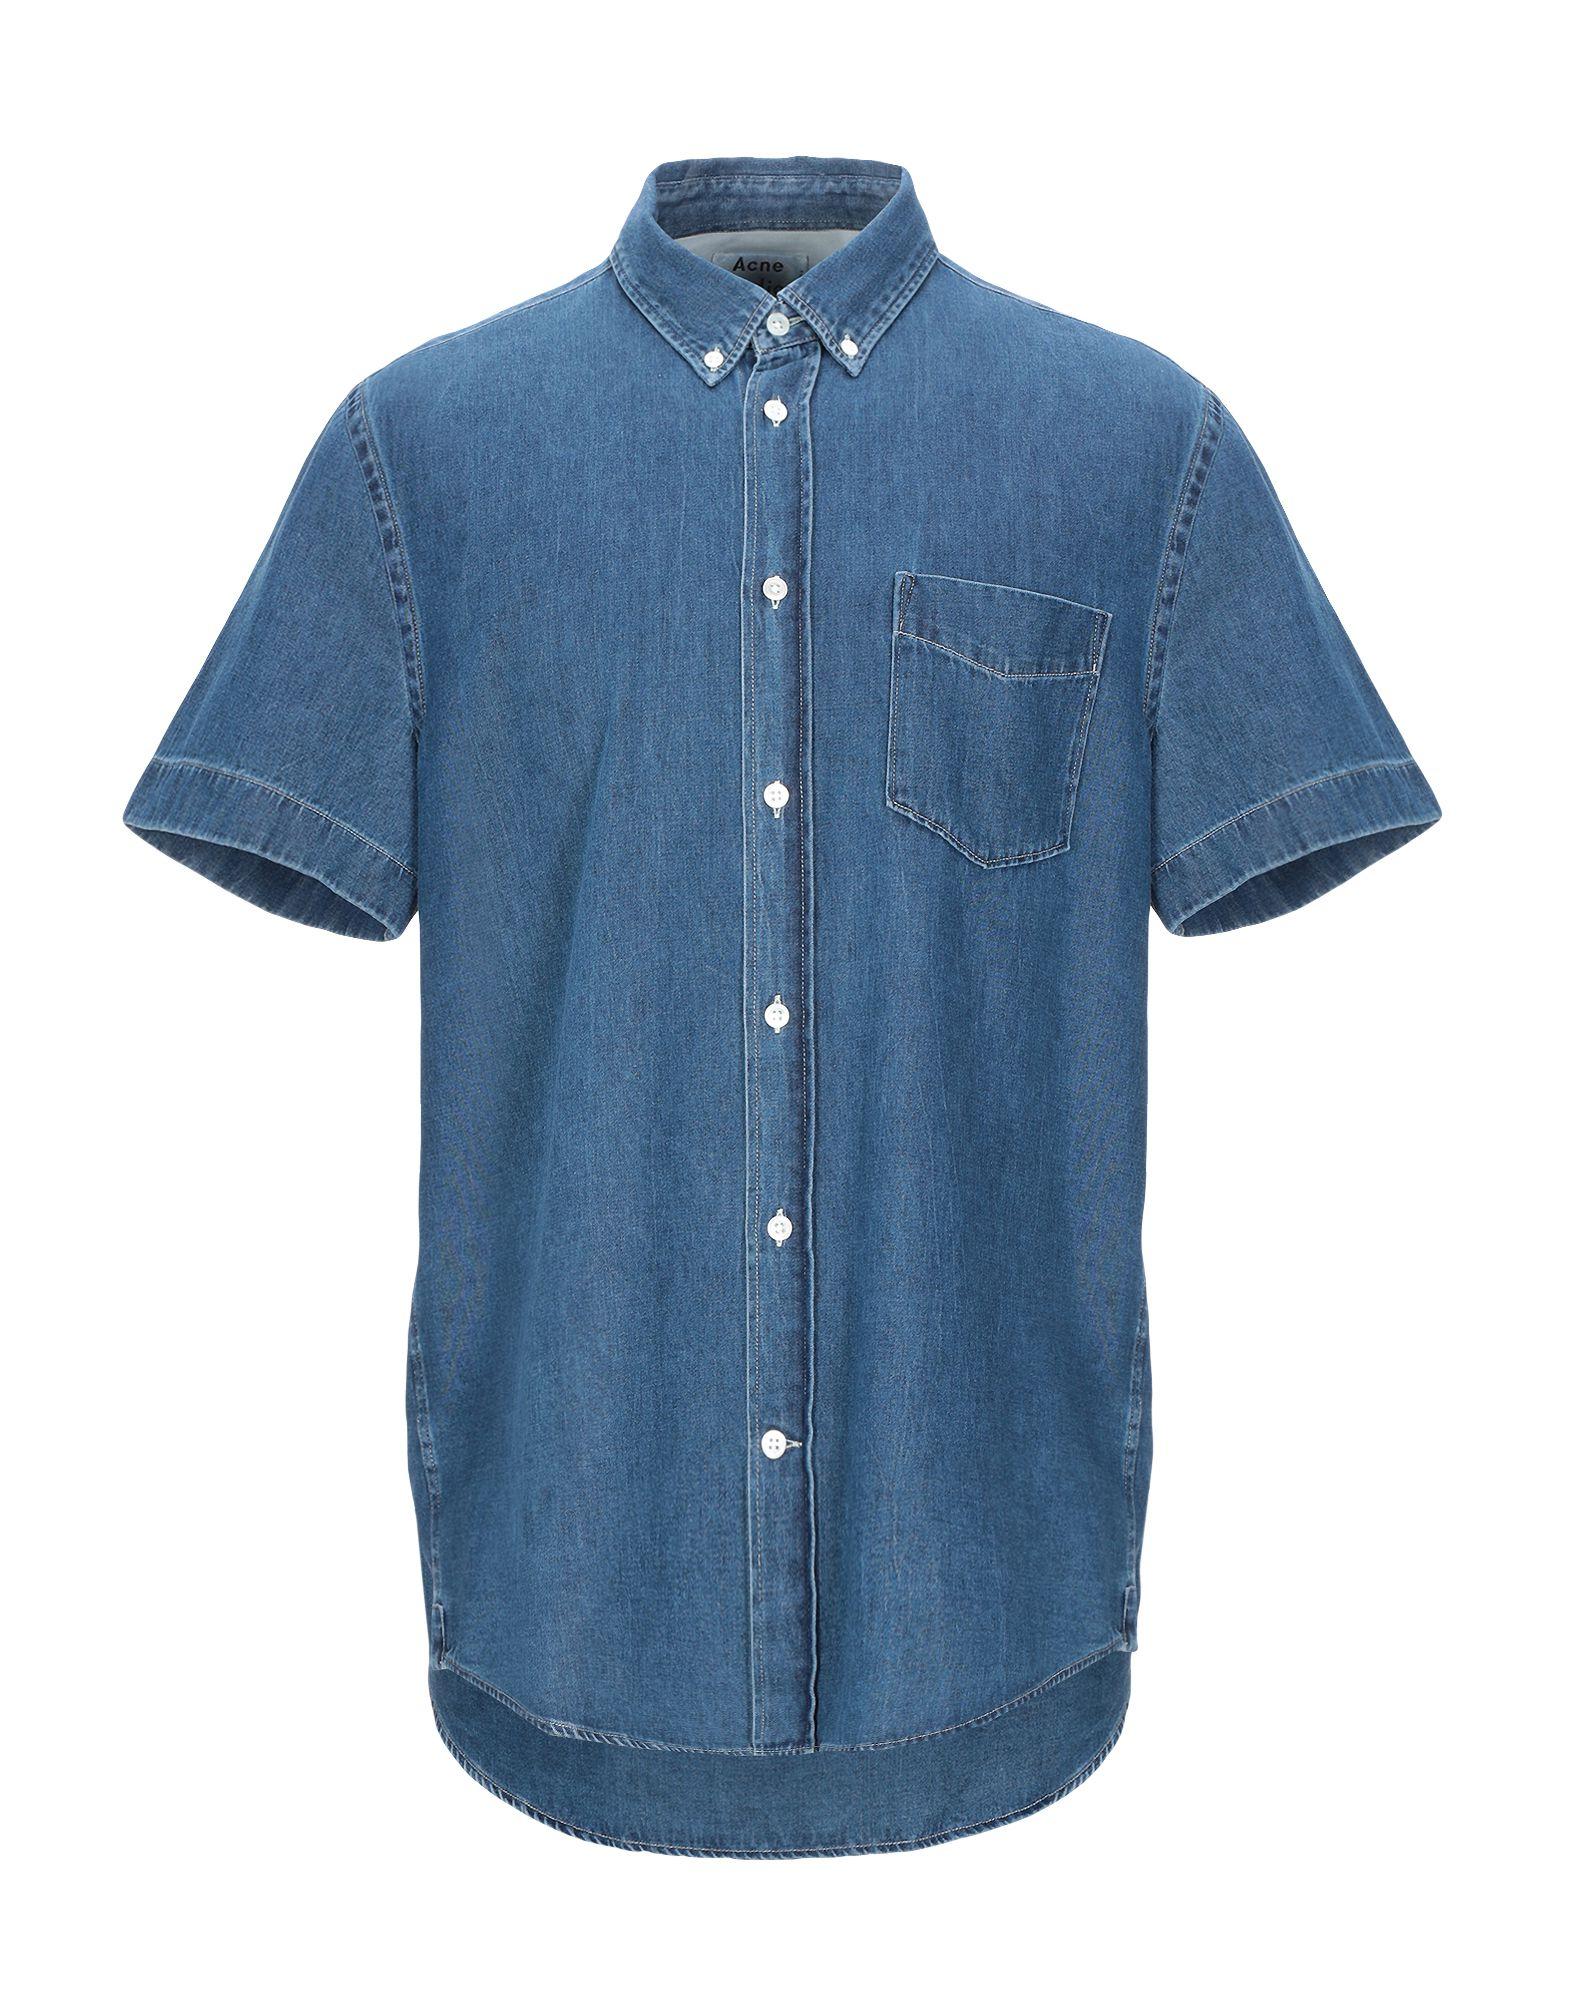 ACNE STUDIOS Джинсовая рубашка yuzhe studios черная рубашка с контрастным карманом rushmore